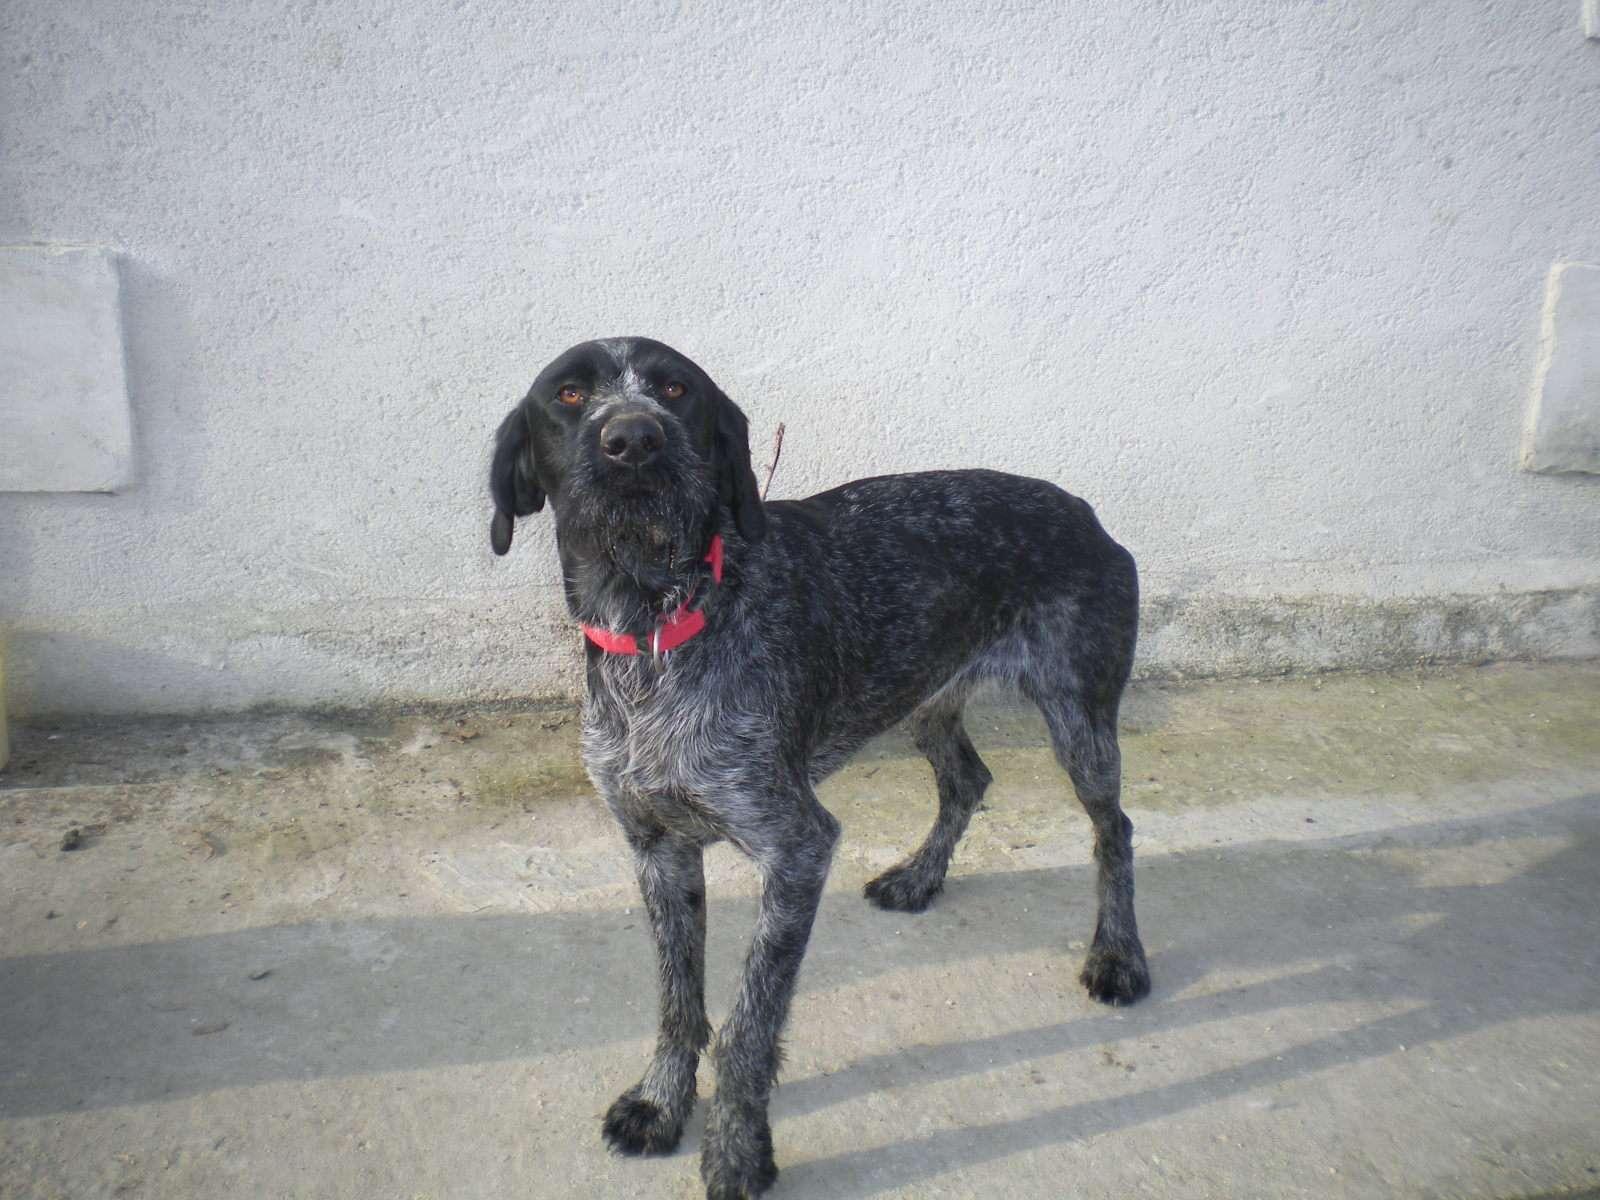 Ficelle, Drahthaar noir/blanc perdue en 2012, toujours recherchée (36) Ficell11